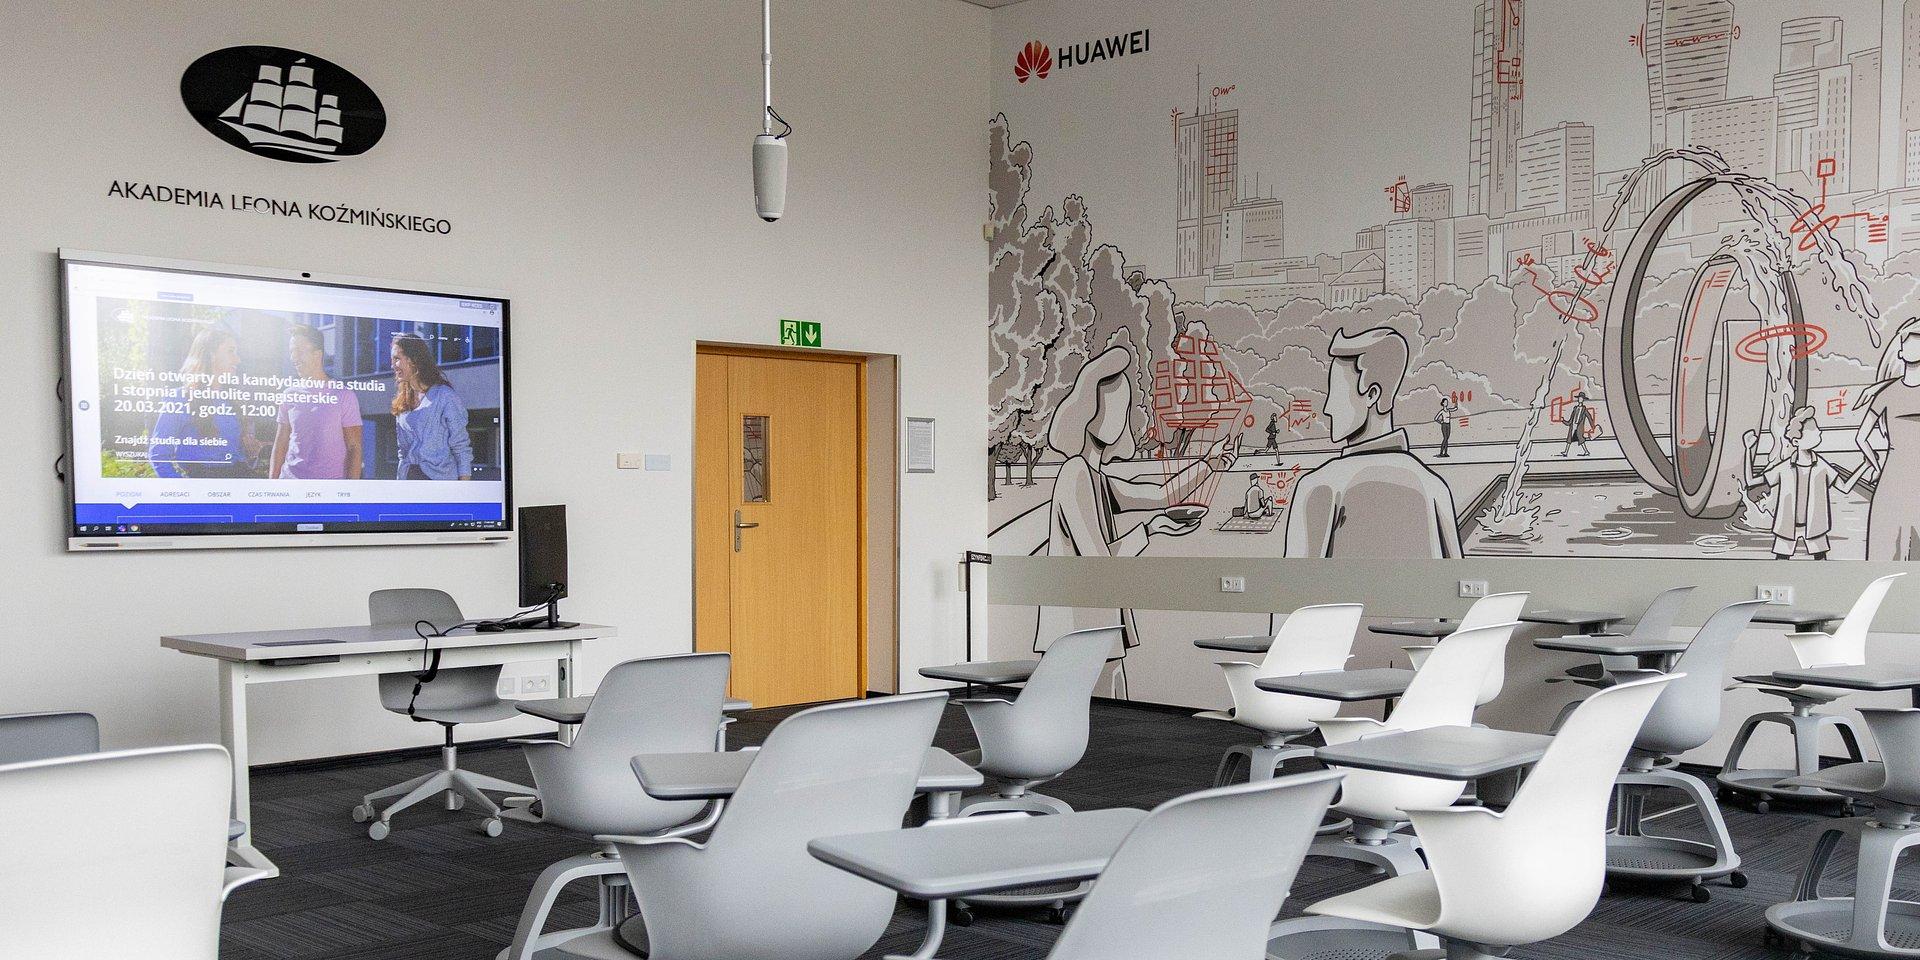 Nowy wymiar studiowania: Huawei Polska i Akademia Leona Koźmińskiego zacieśniają współpracę